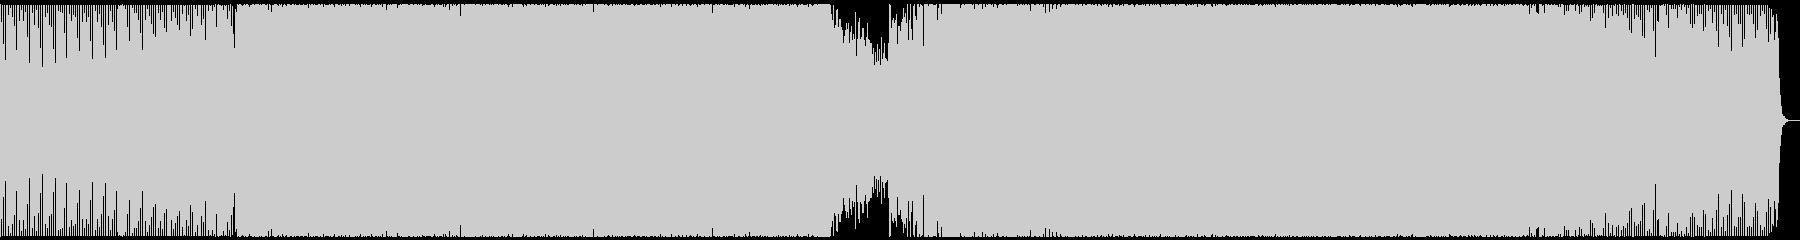 クラブ/プログレッシブハウス/ディープの未再生の波形